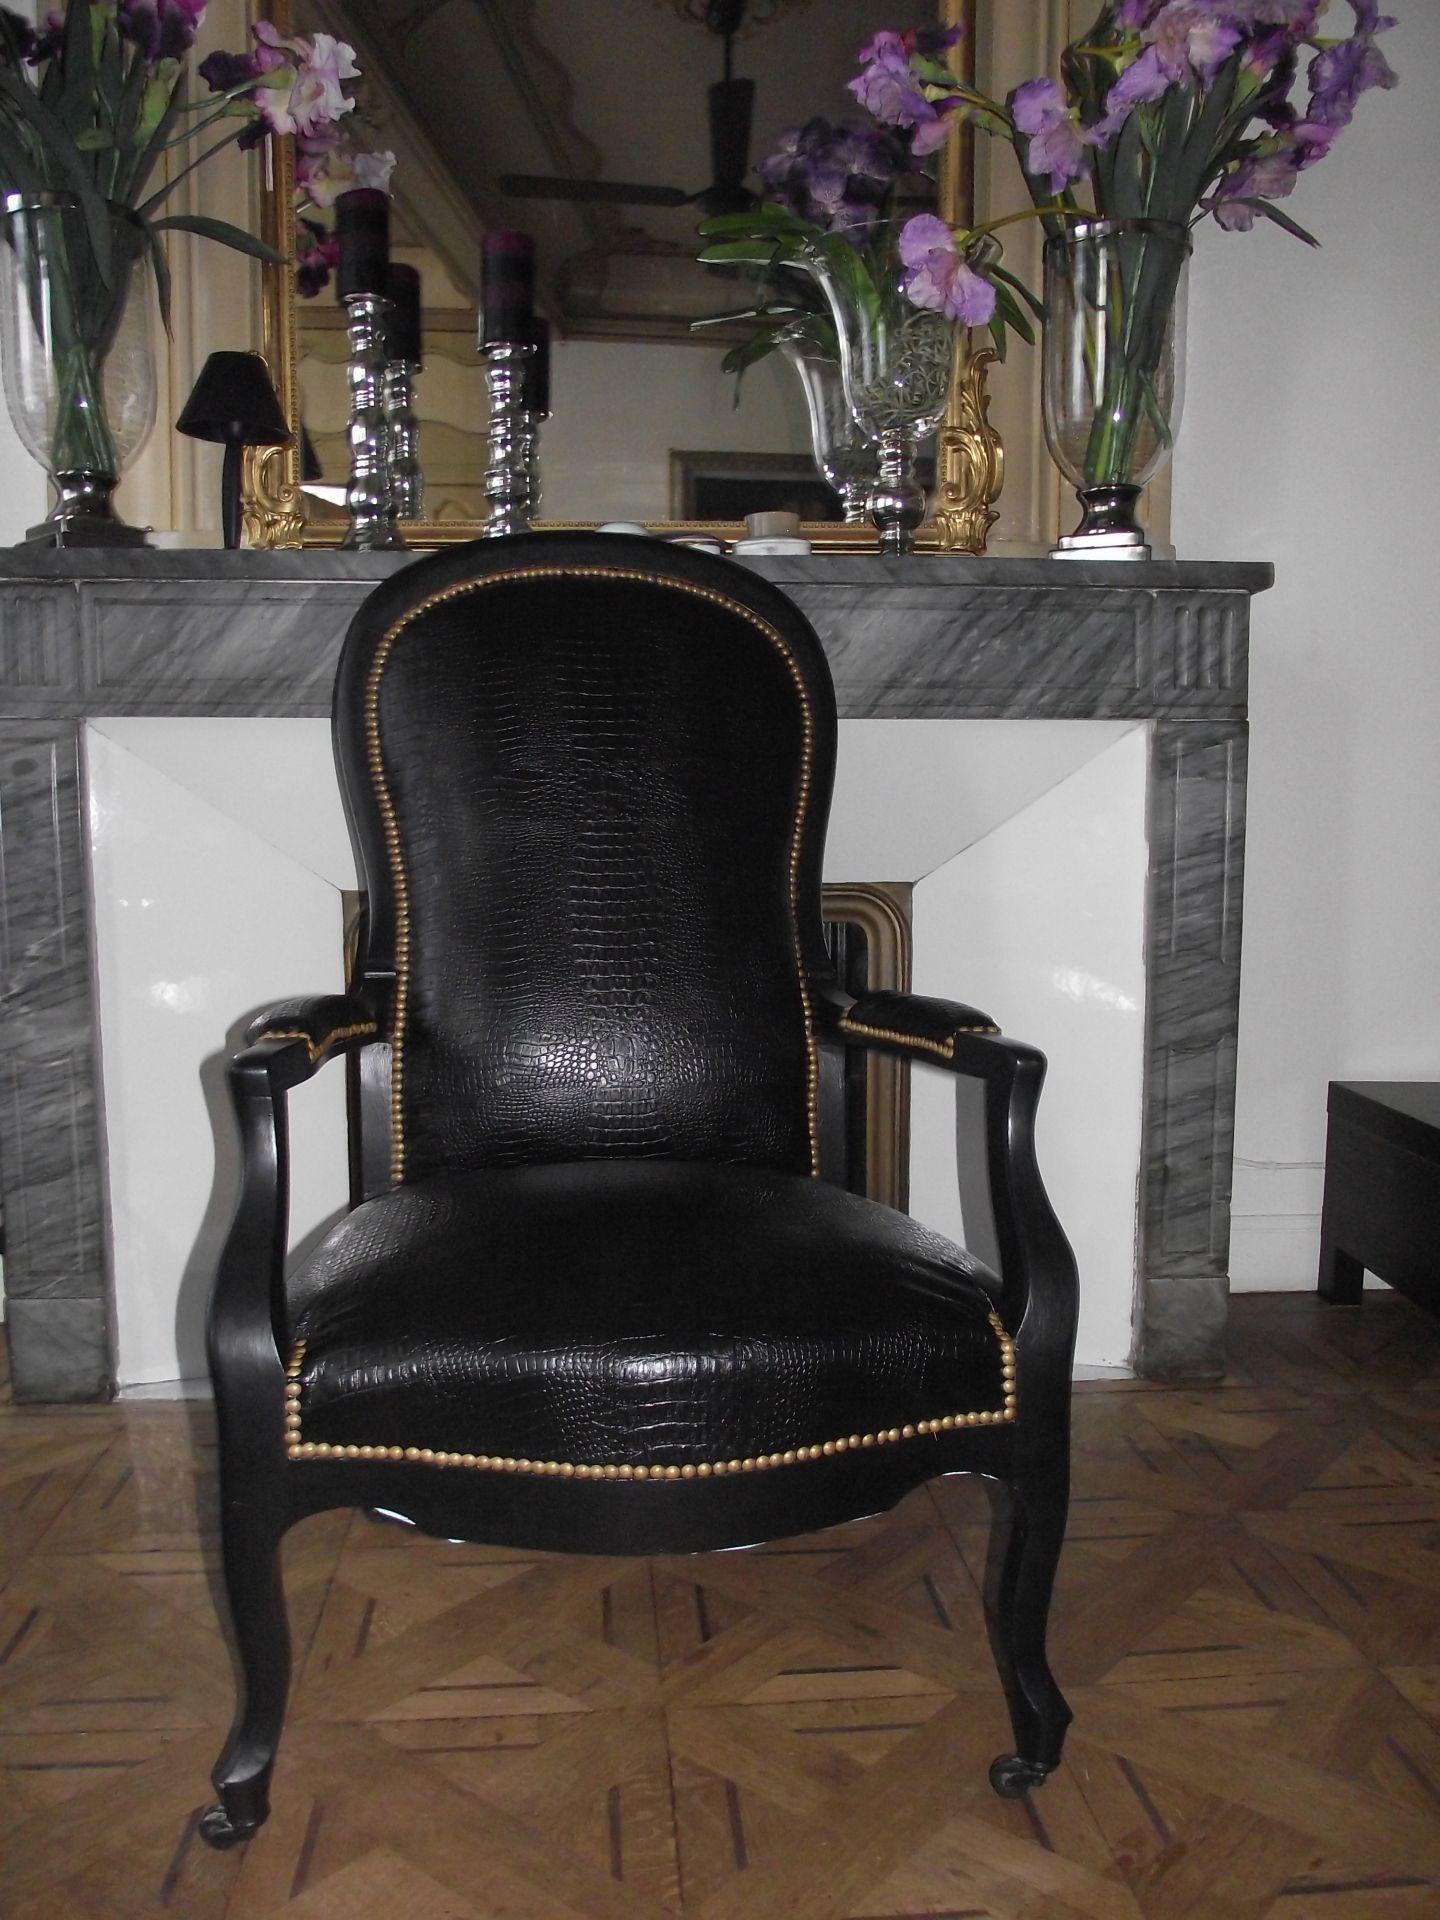 fauteuil voltaire noir en sky noir croco sur roulettes inspiration relooking furniture diy. Black Bedroom Furniture Sets. Home Design Ideas